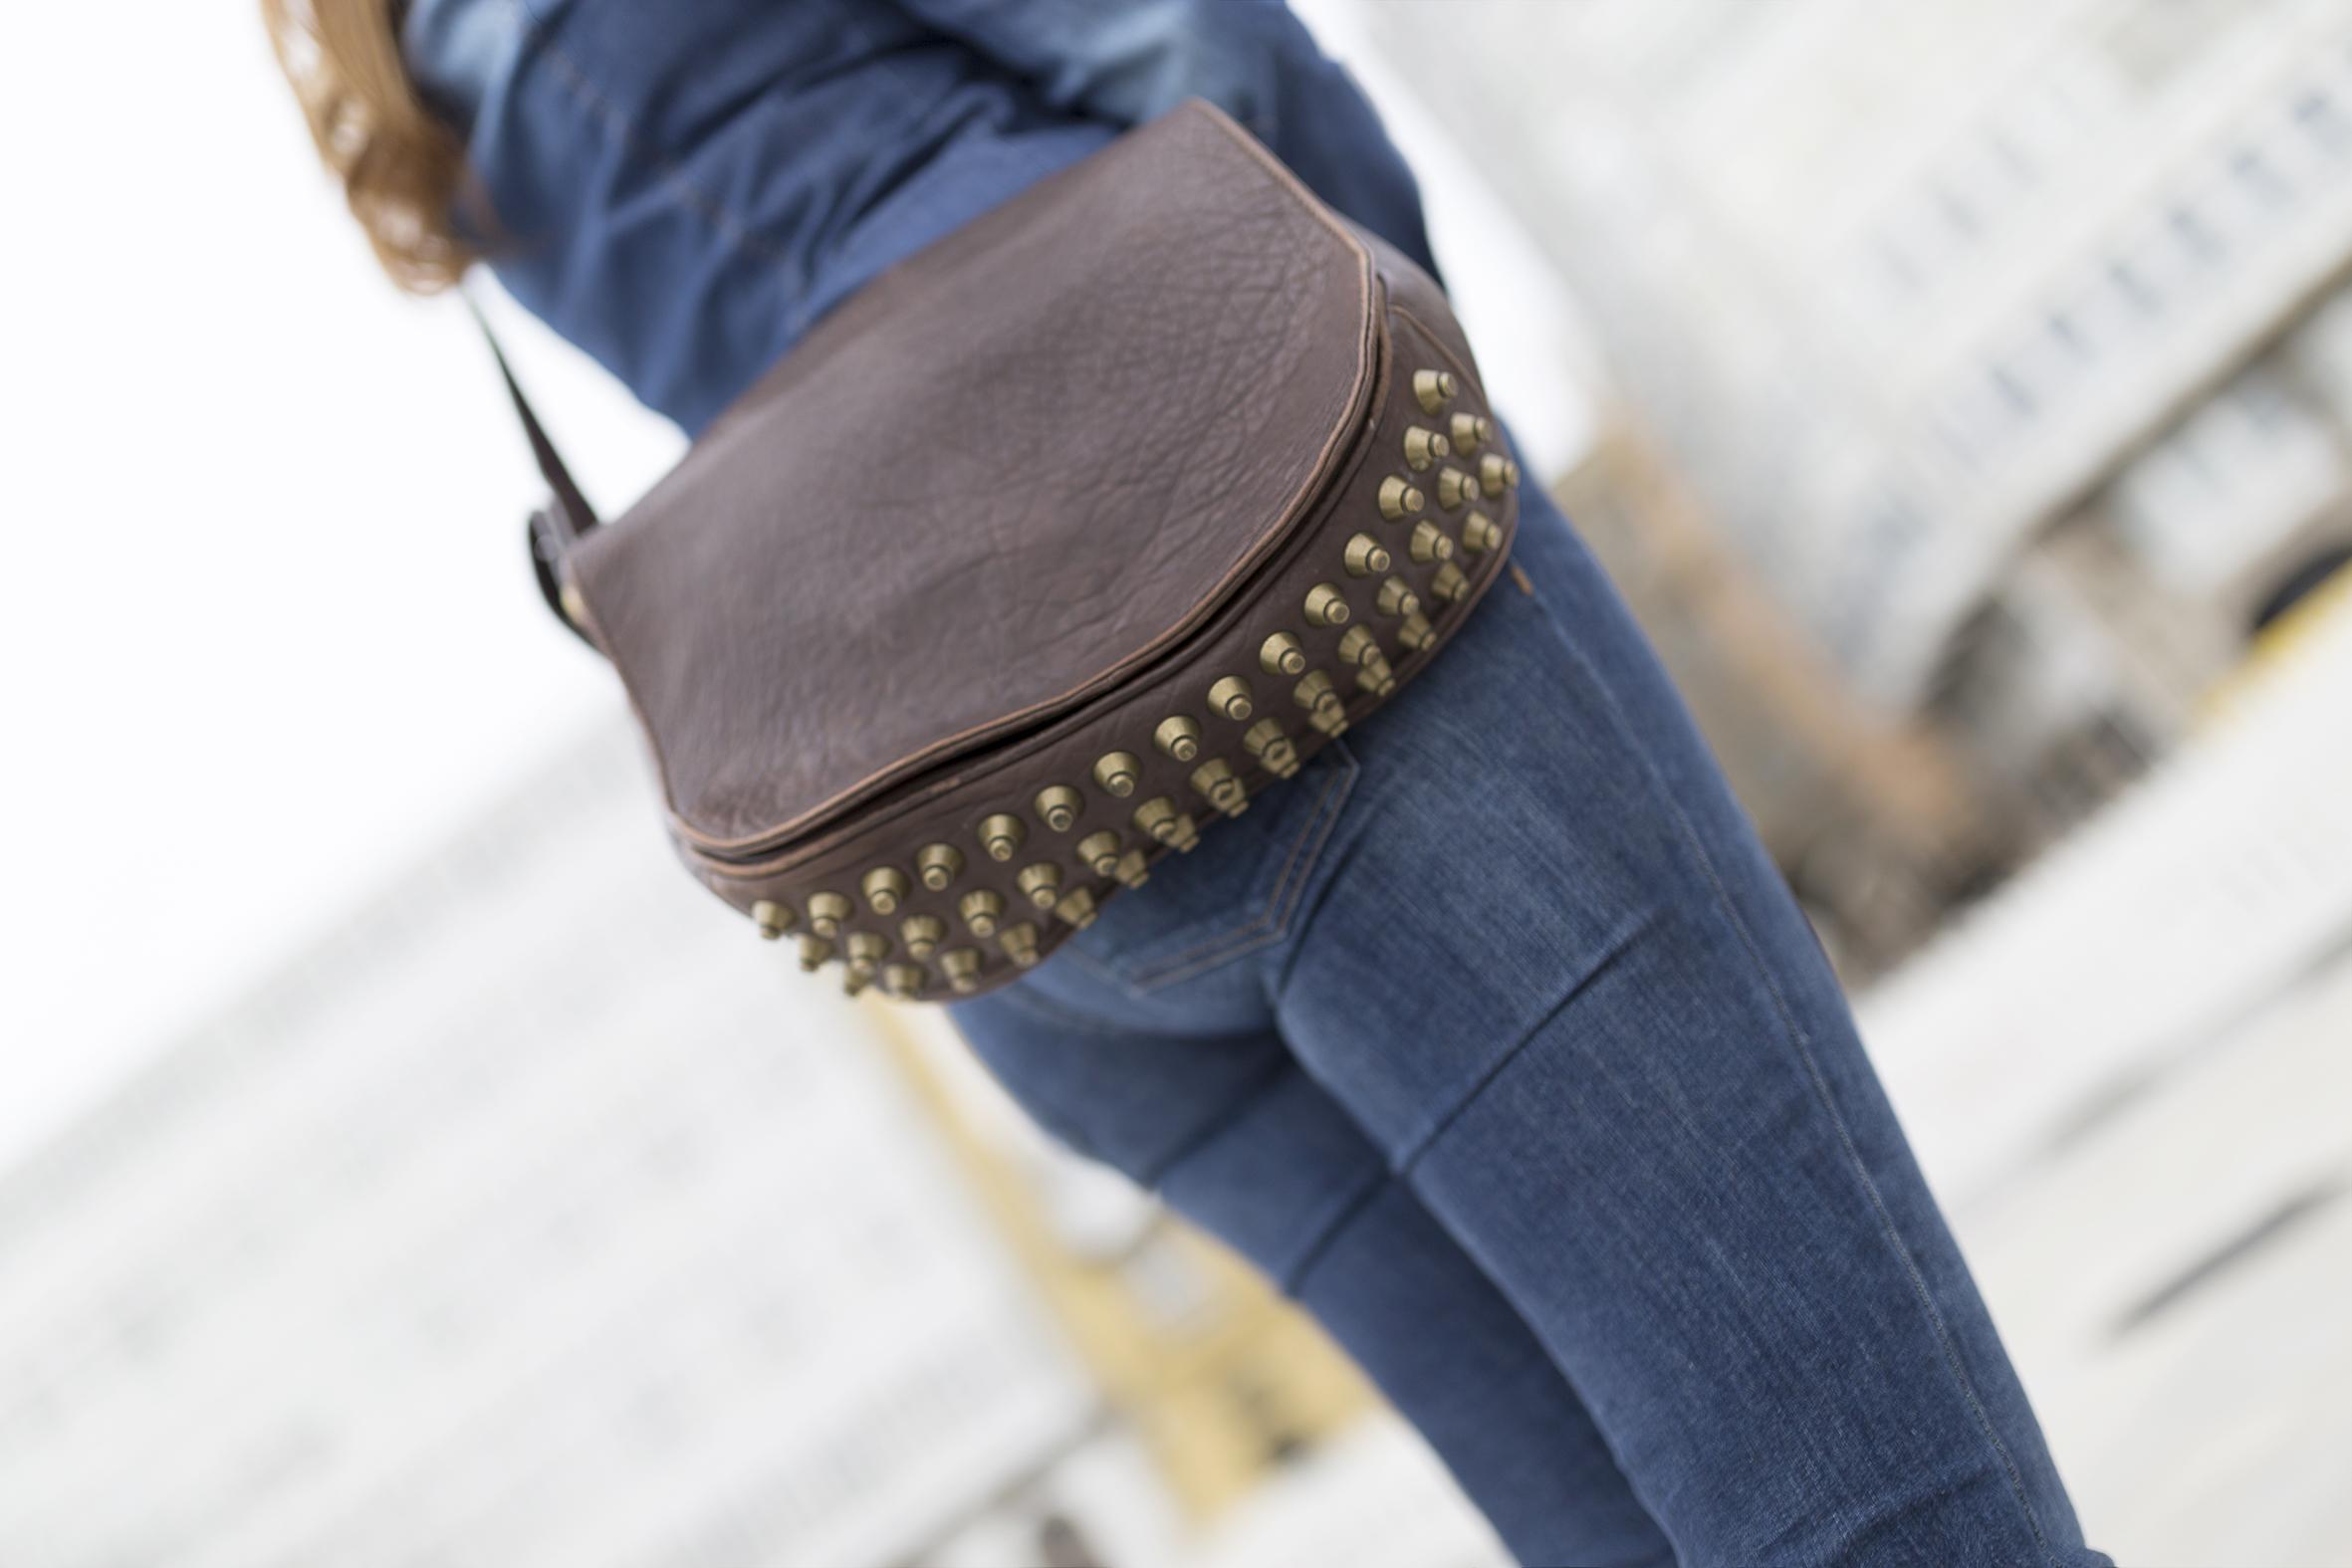 alexander wang-bag- streetstyle-moda-descalzaporelparque- streetstyle-style- scarf-promod